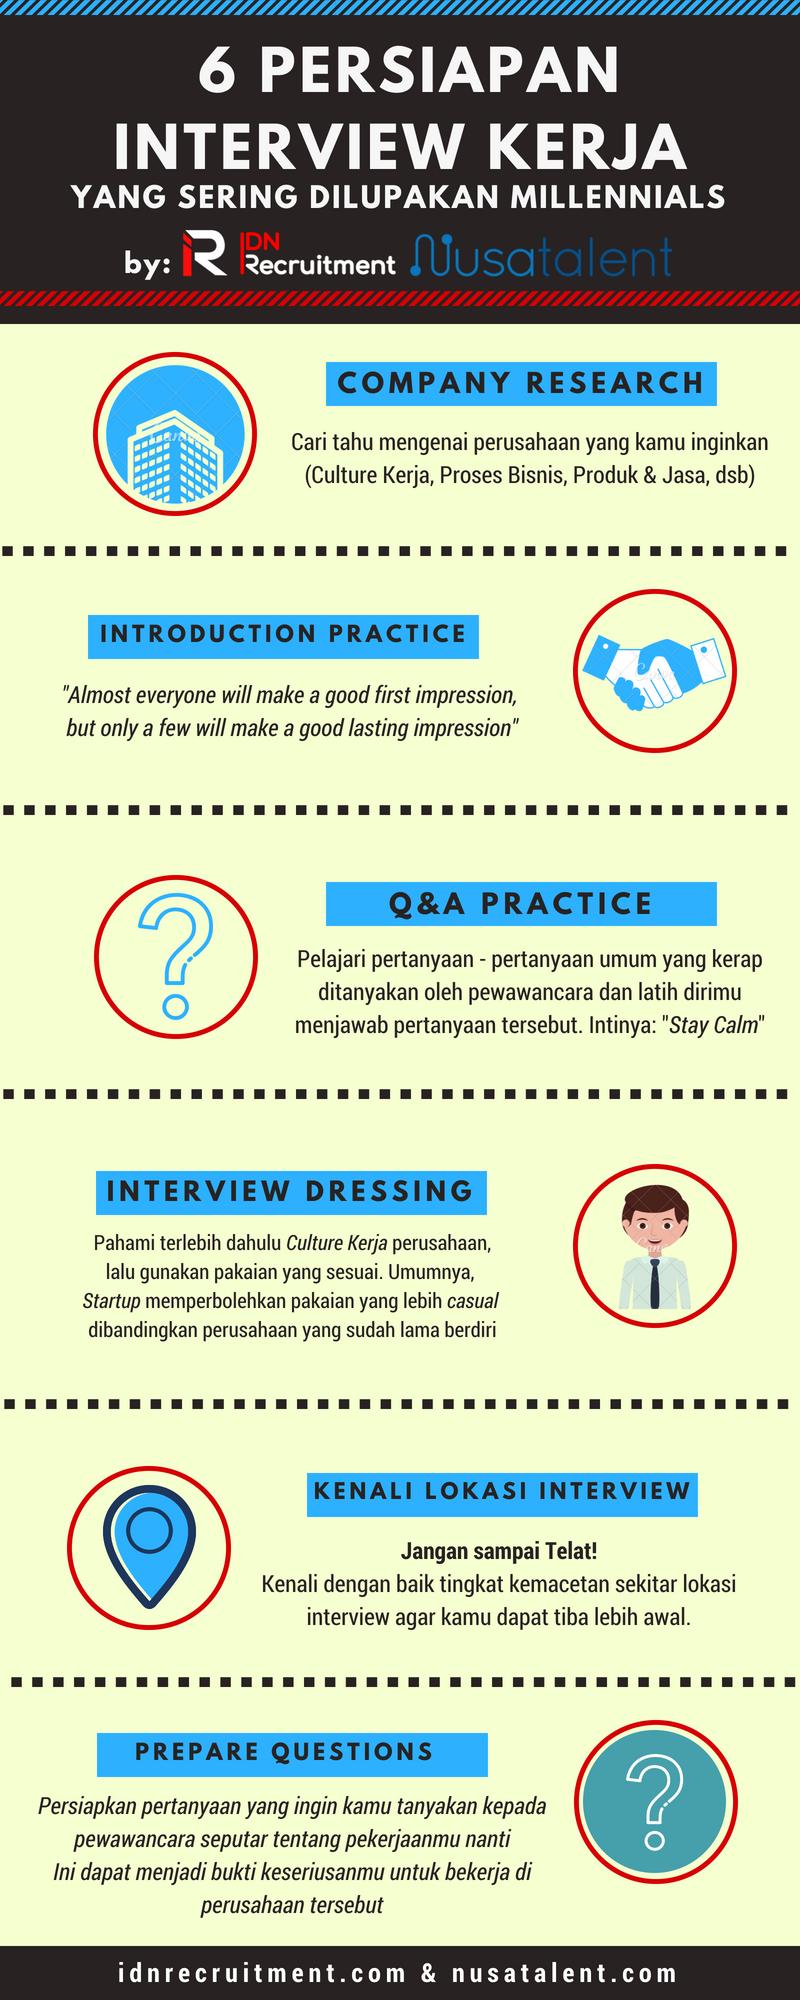 [Infographic] 6 Persiapan Interview Kerja yang sering Millennials lupakan